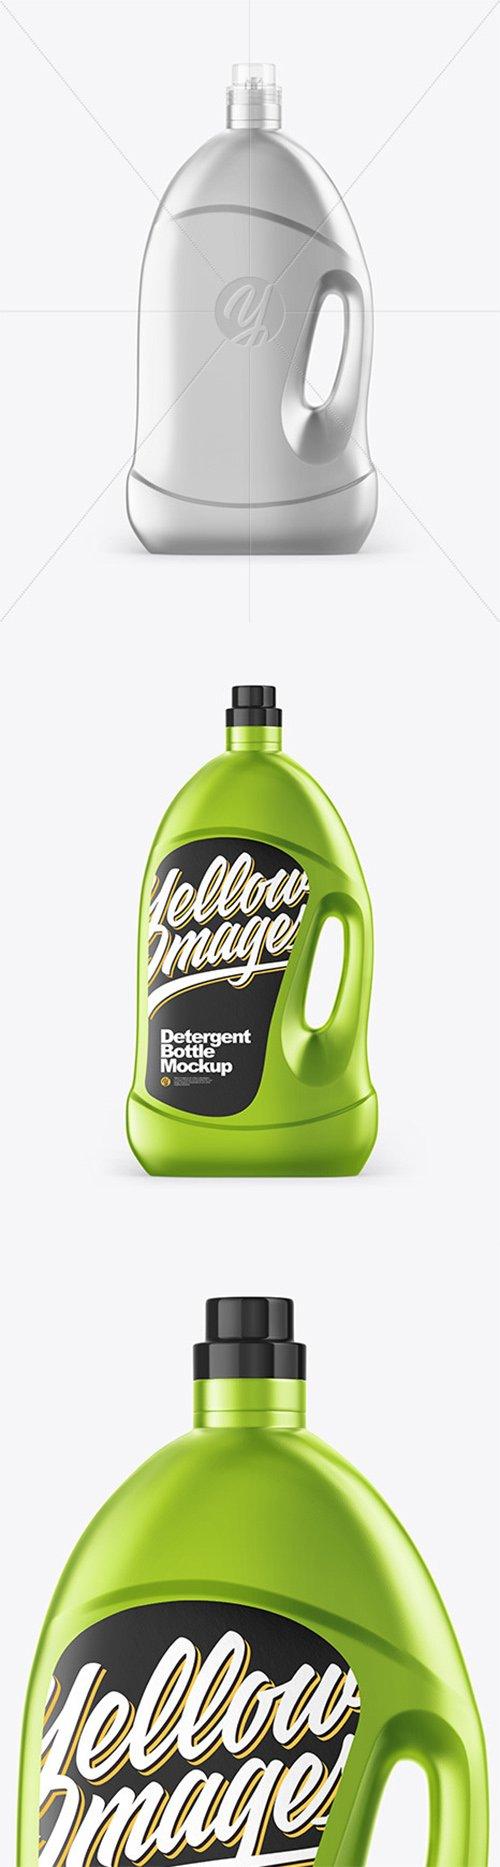 Metallic Detergent Bottle Mockup 64263